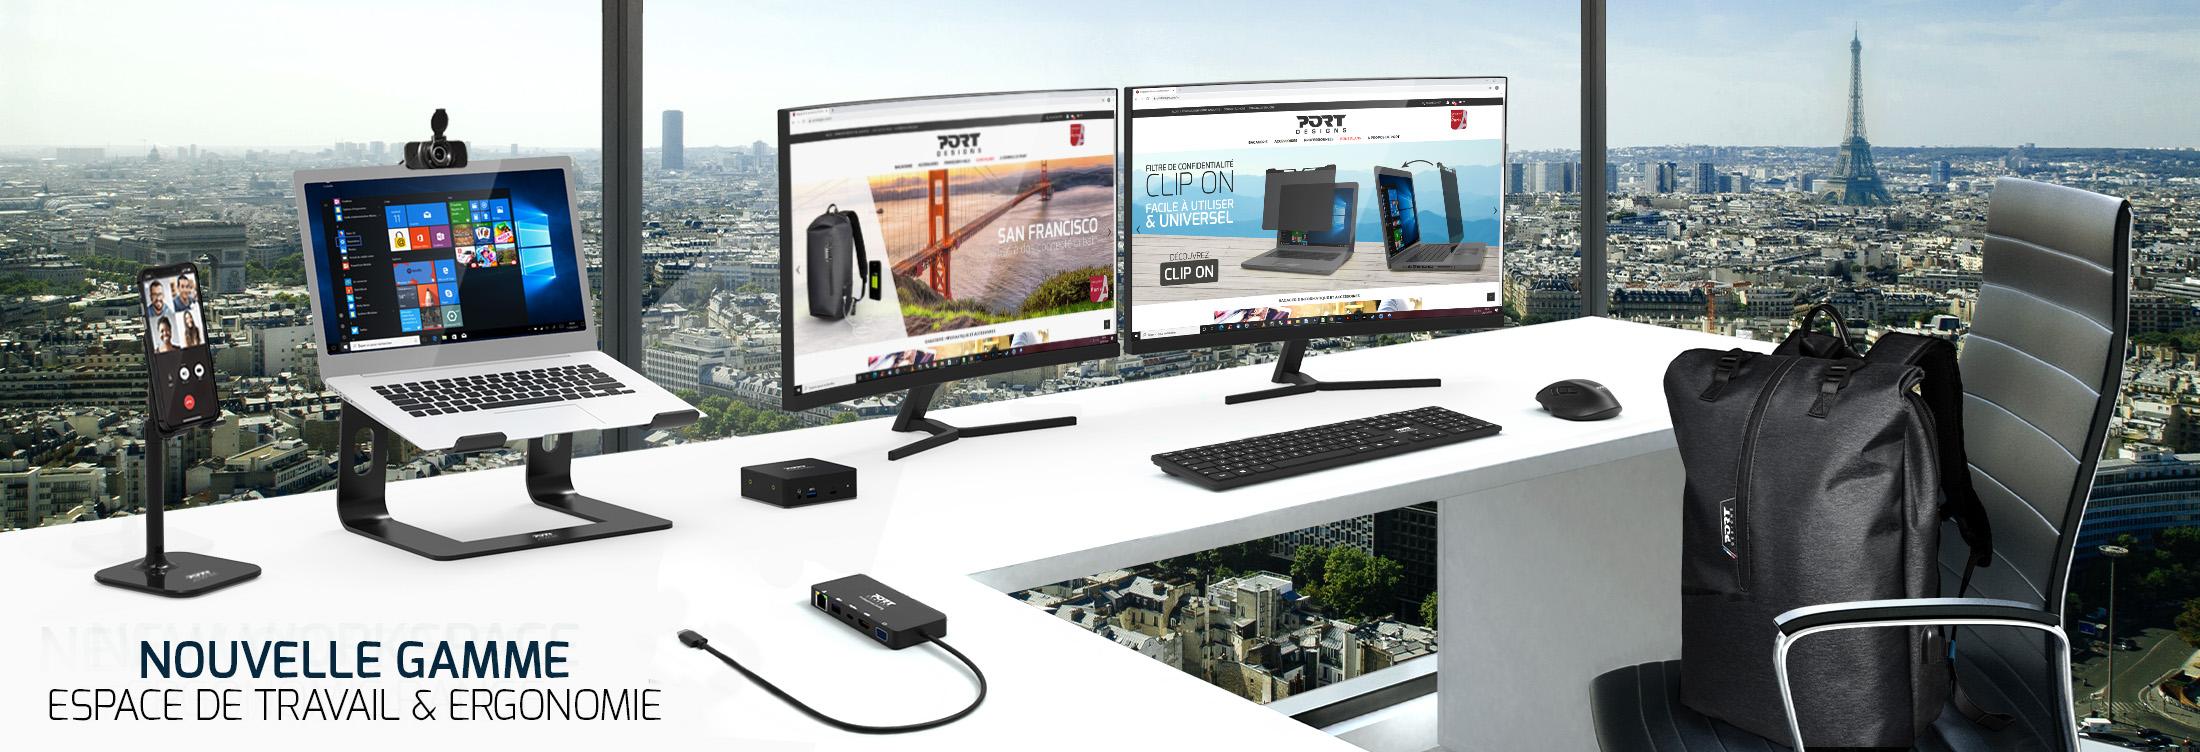 Nouvelle gamme espace de travail & ergonomie